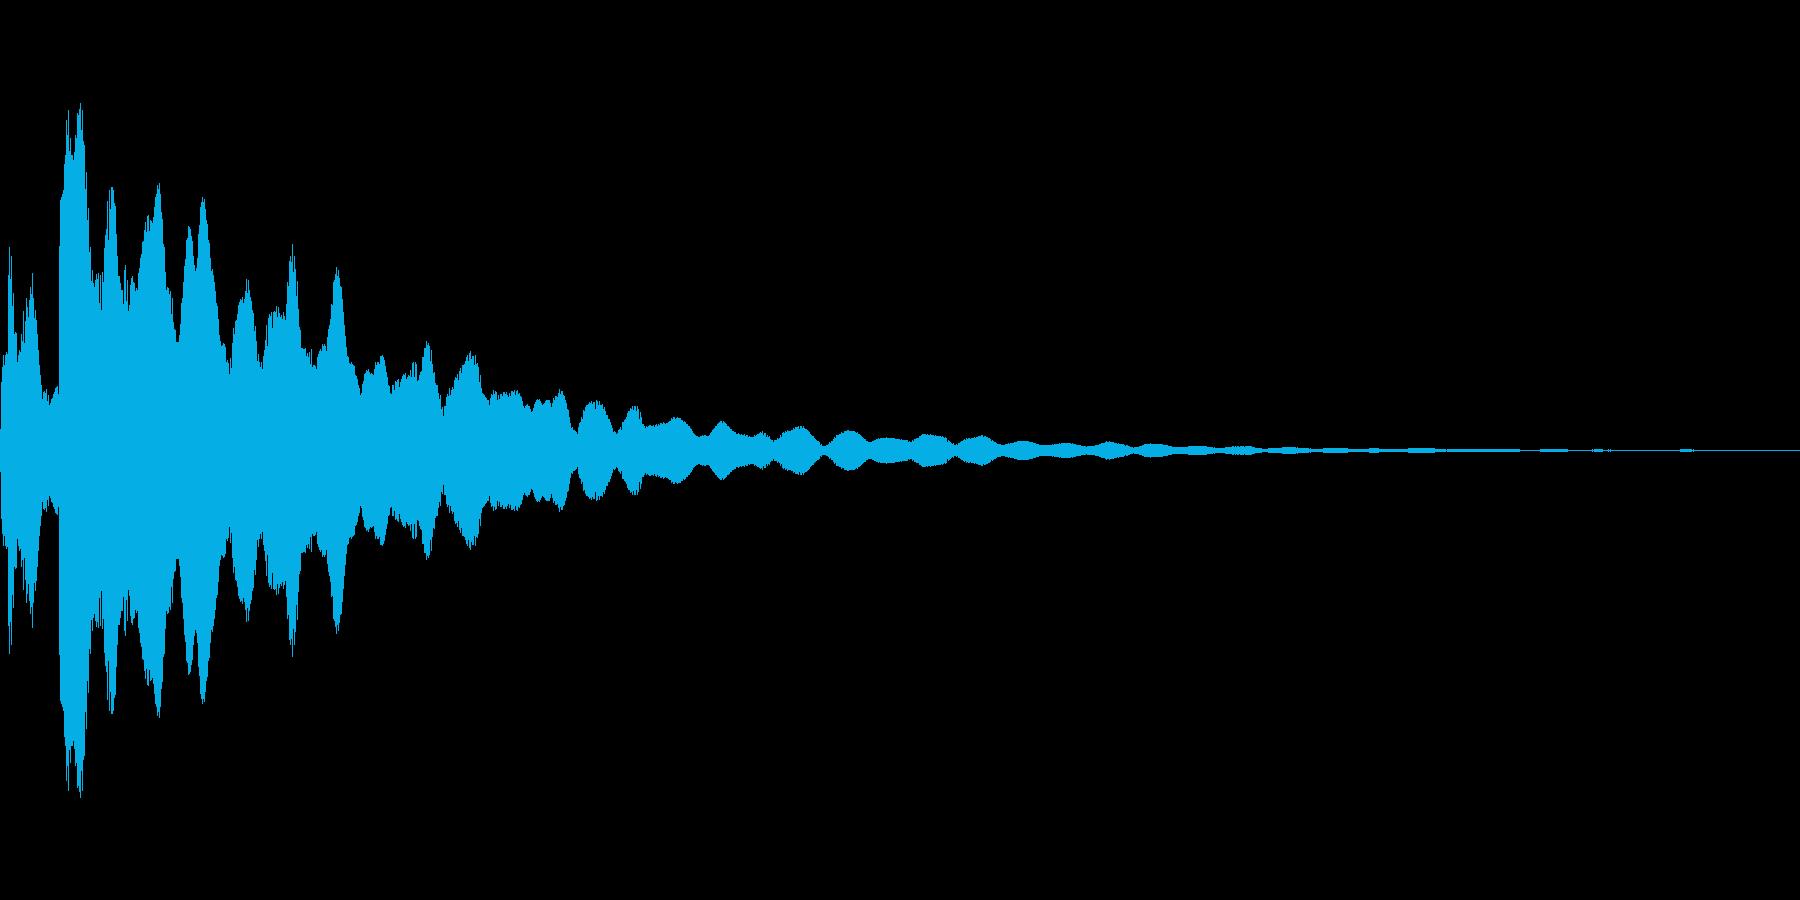 ピキーン(光などのきらめき音)の再生済みの波形